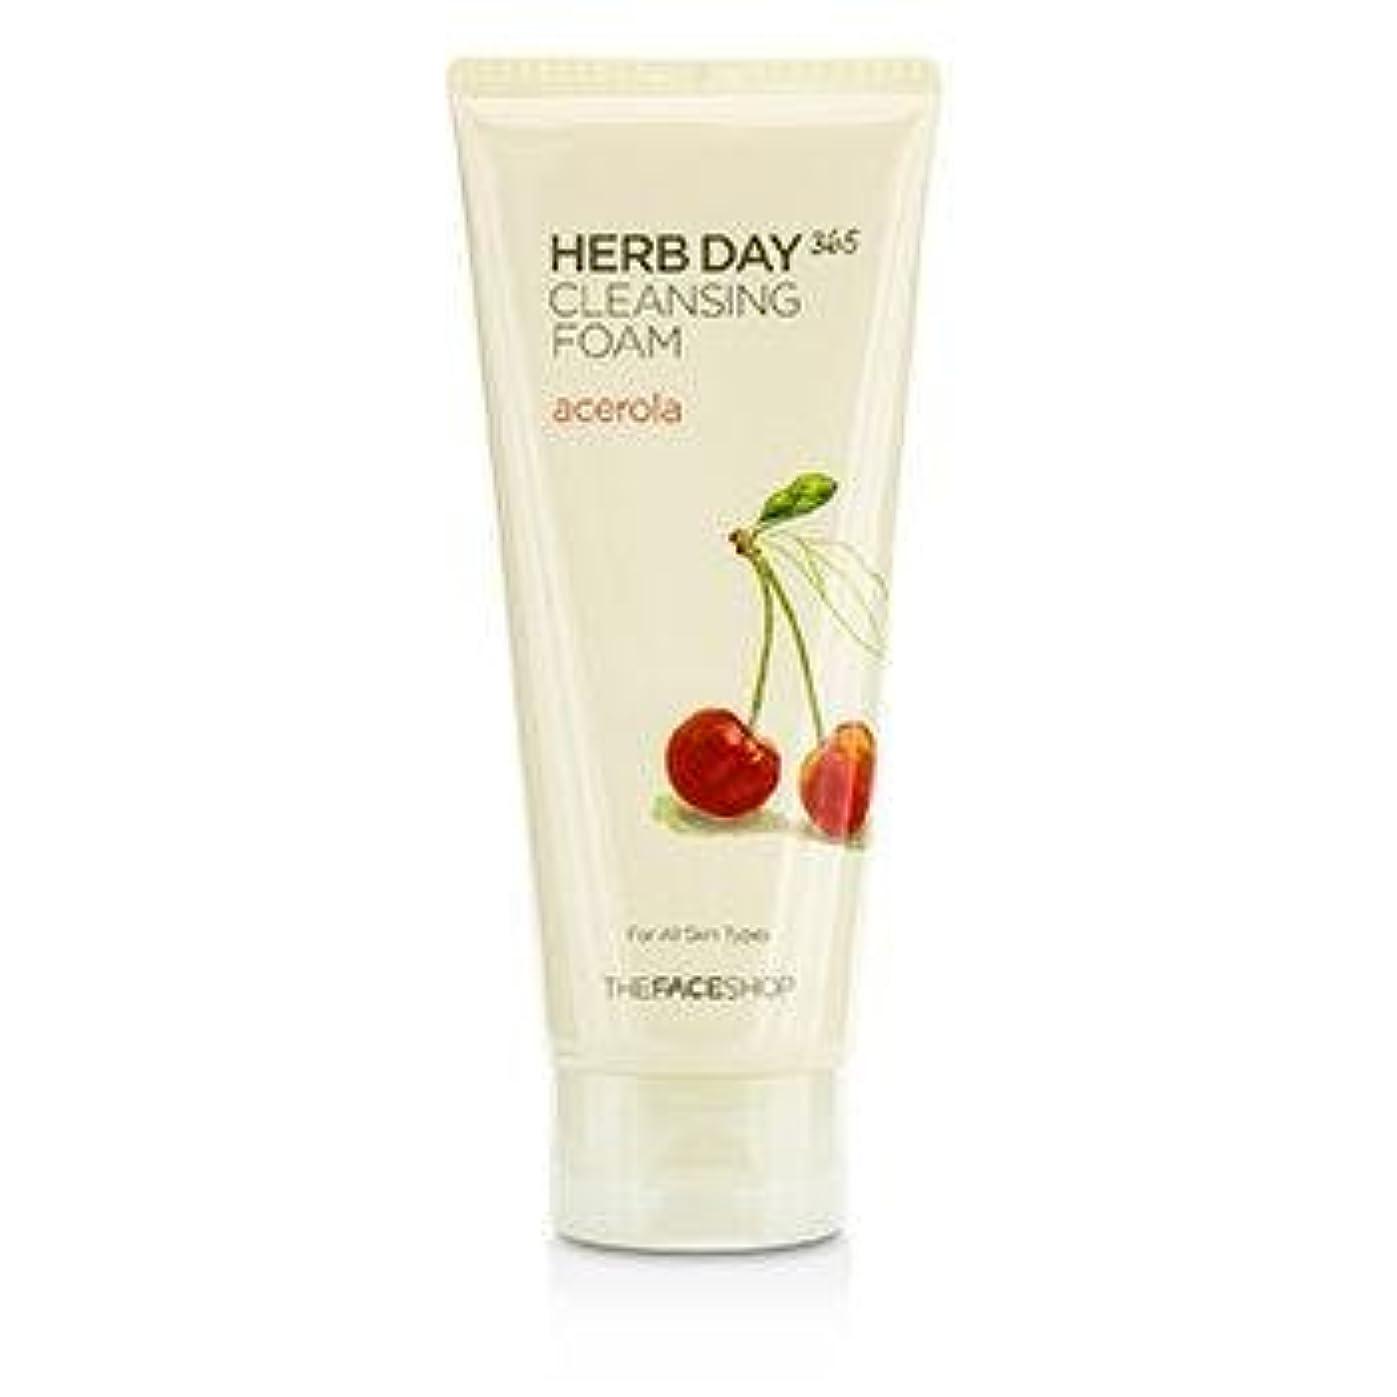 大ブレンド小道THE FACE SHOP Herb Day 365 Cleansing Foam Acerola (並行輸入品)